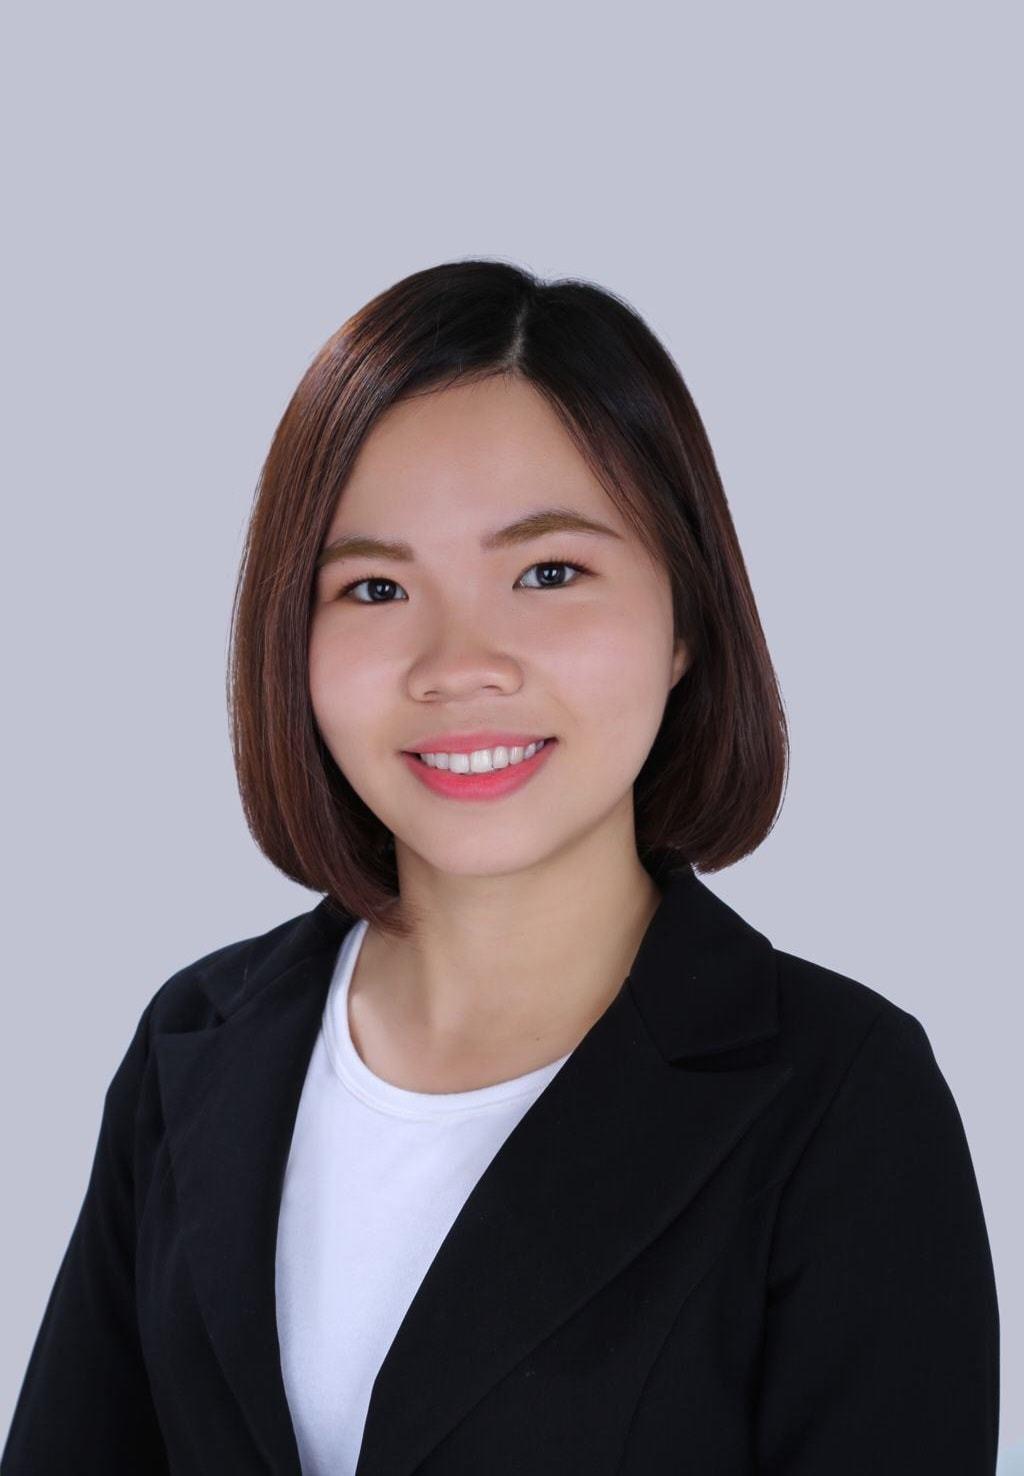 photo-profile-phuong-nguyen_1571026863_large